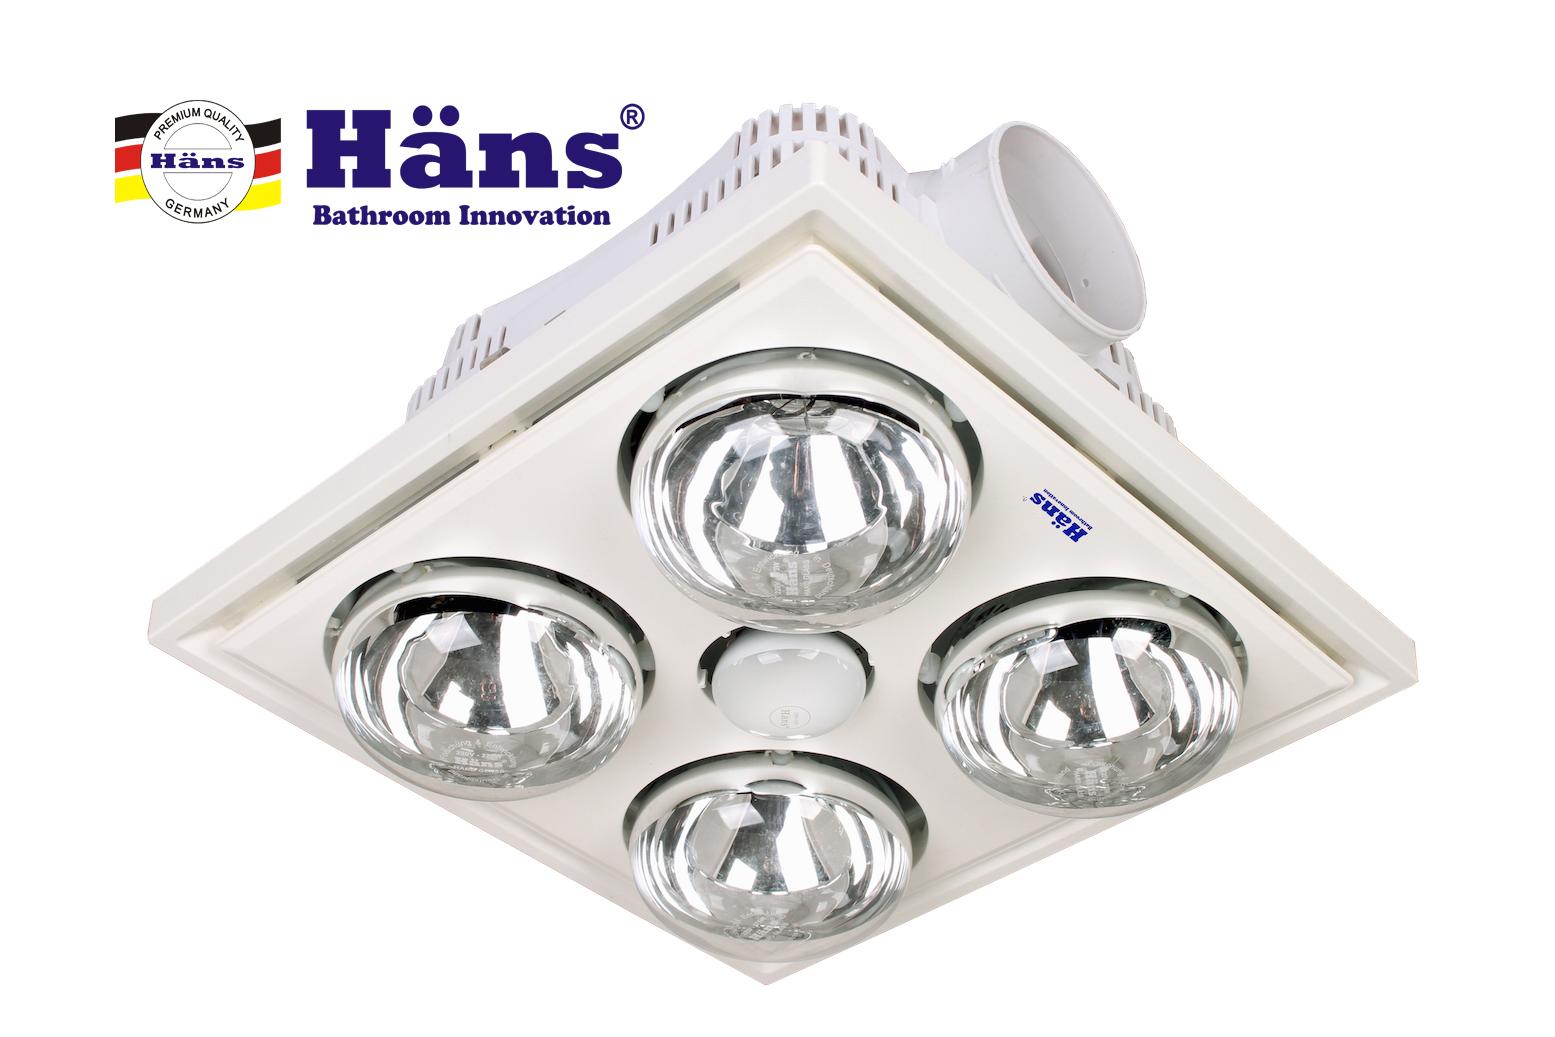 Đèn sưởi 4 bóng âm trần Hans H4B công tắc 1